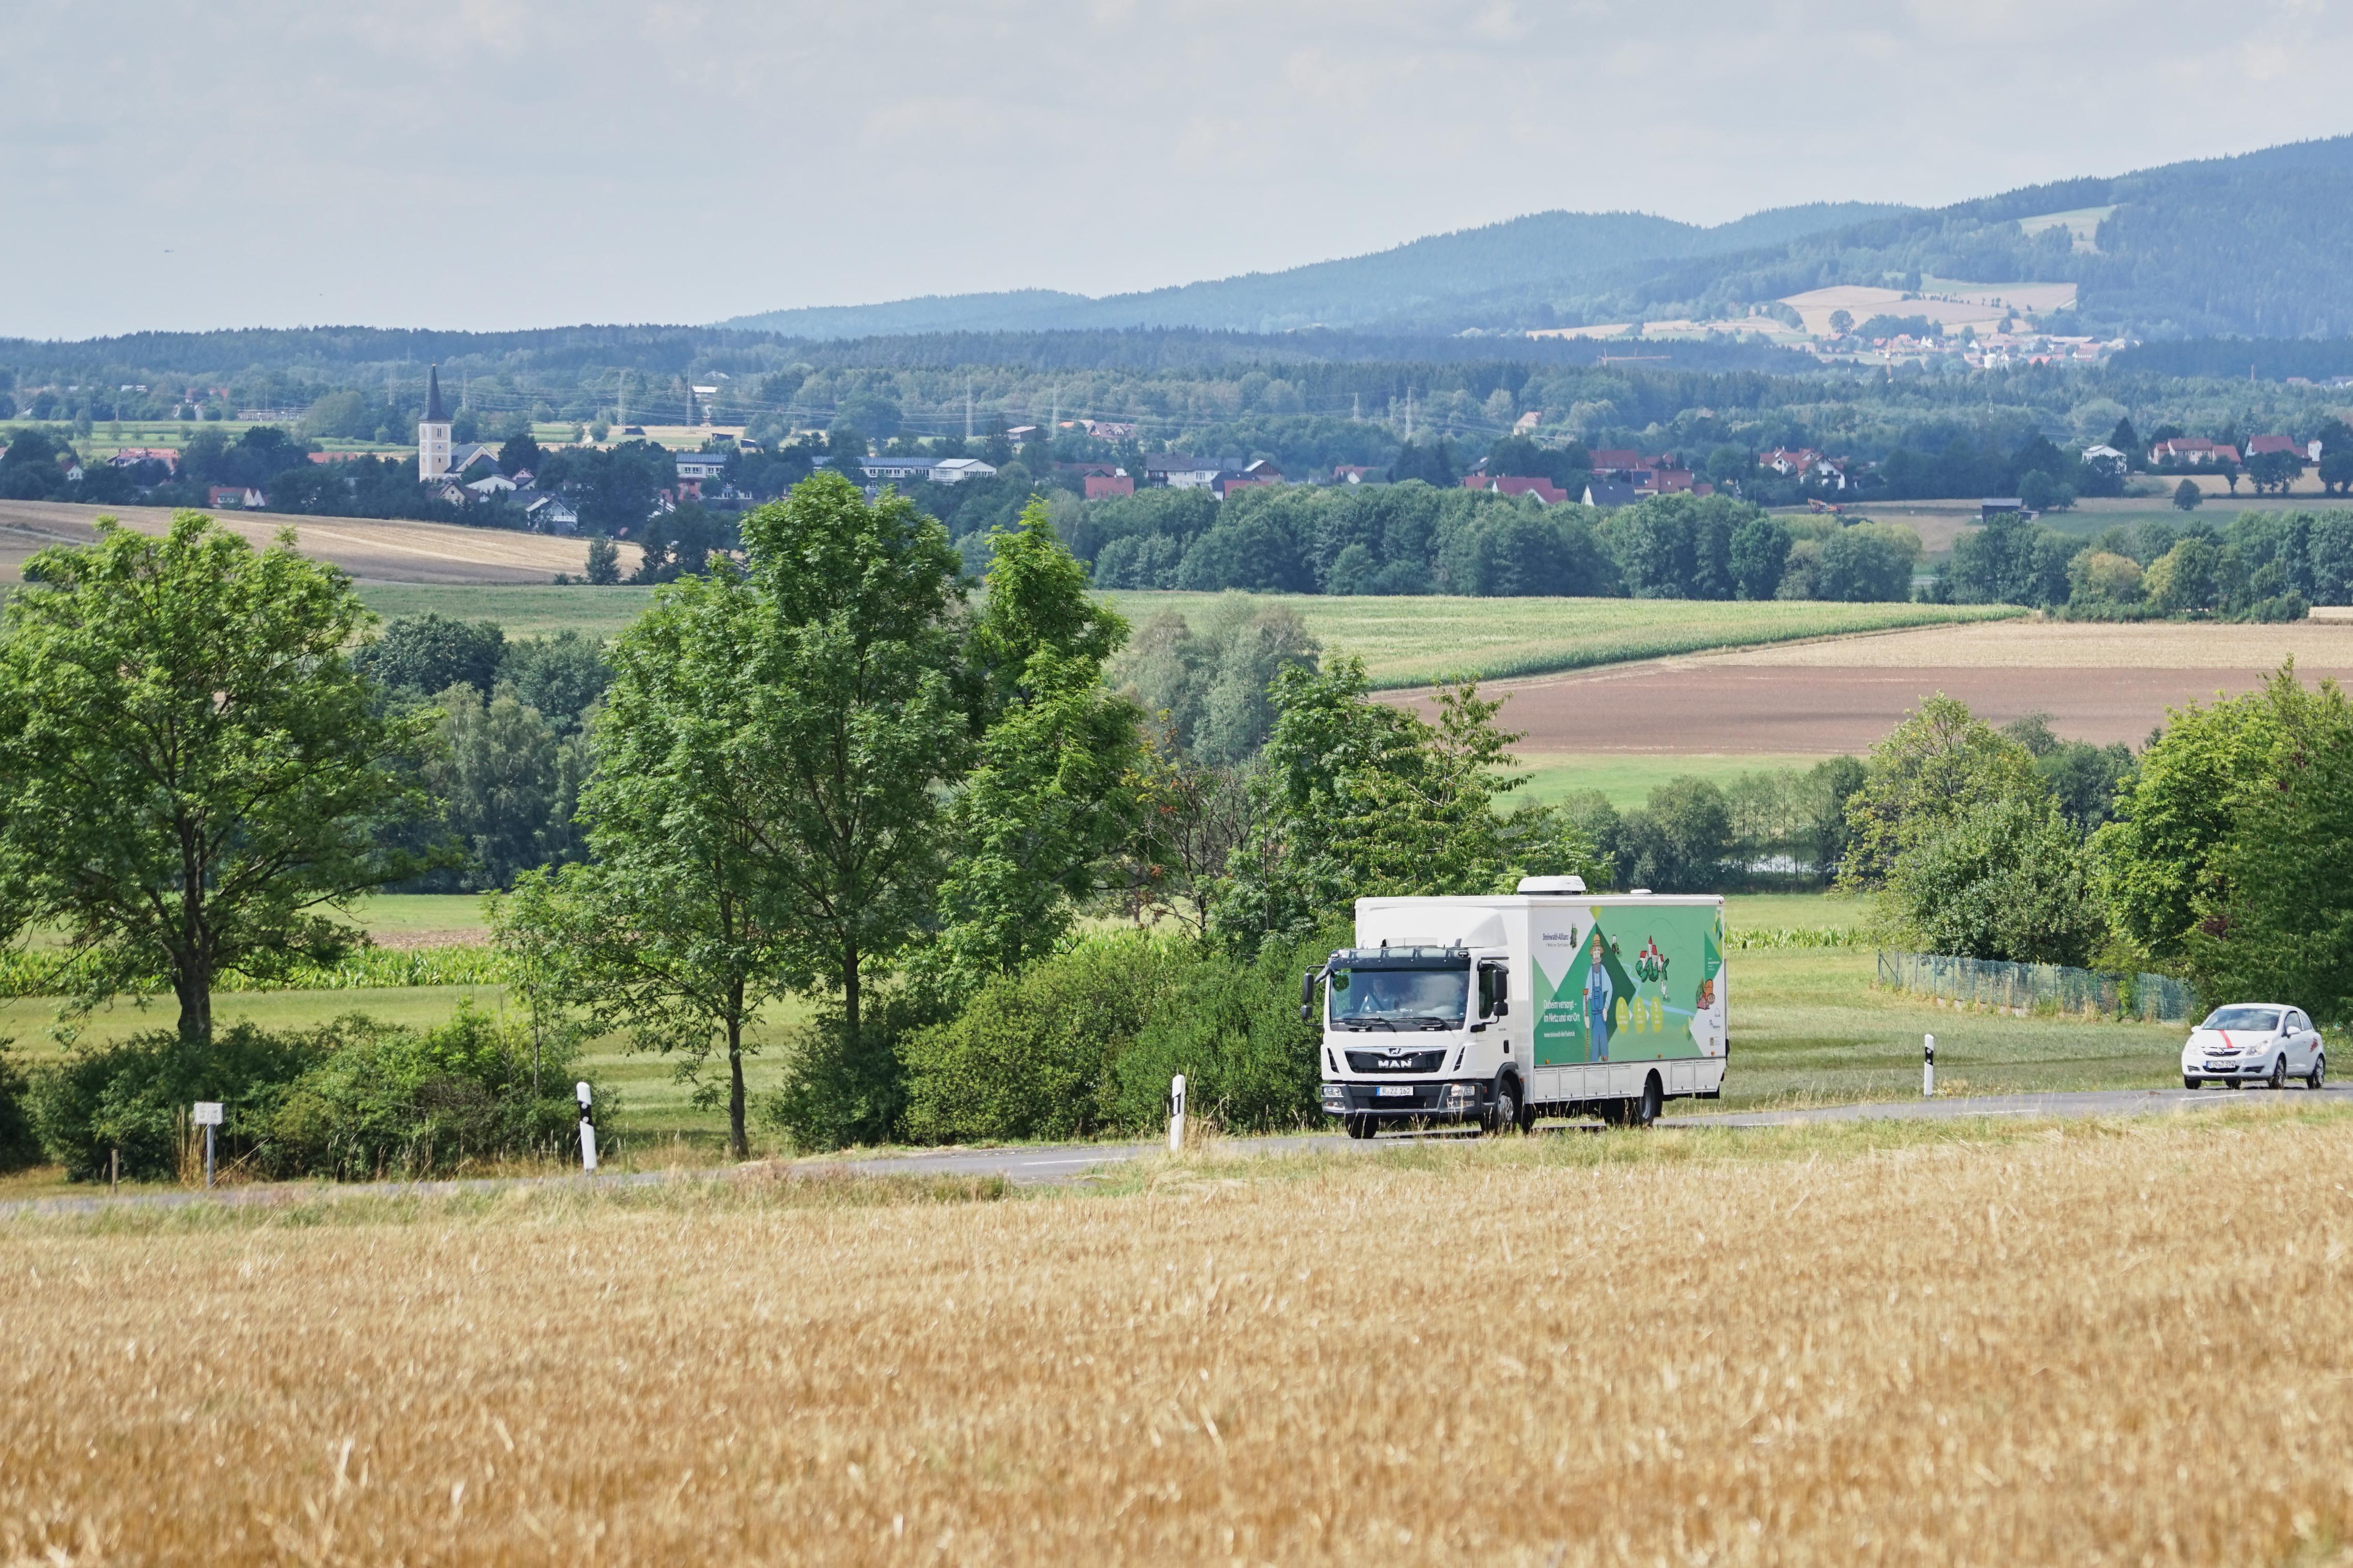 Mobiler Dorfladen unterwegs von Dorf zu Dorf (c)Martin Schmid